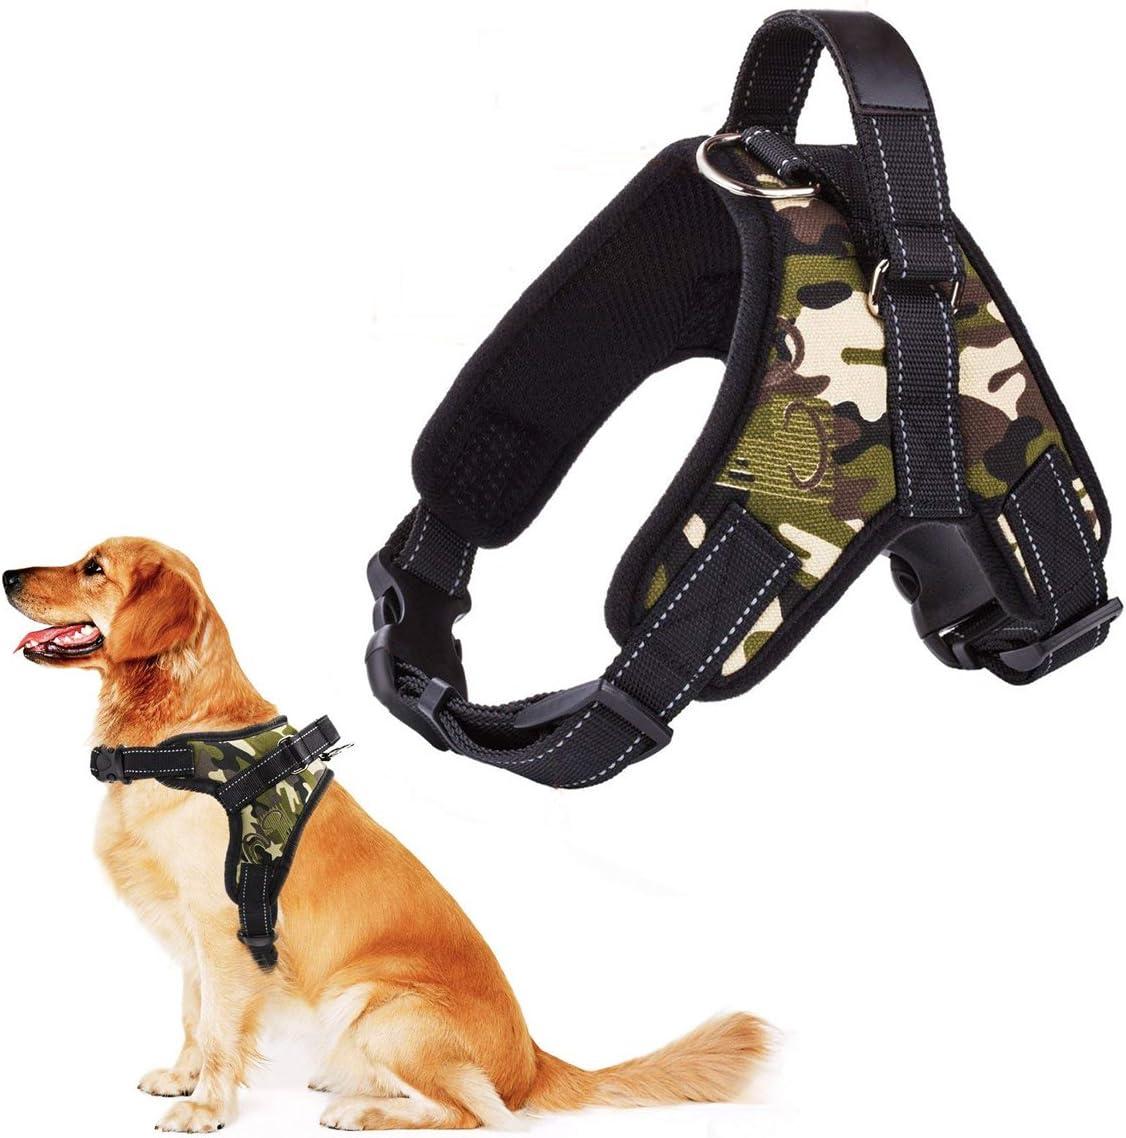 RCruning-EU Perros Pecho de Arnés Mascotas Reflectante Antitranspirante Acolchado Dog Vest Harness Ajustable Arnes Seguridad Chaleco Cabestro-Camouflage Green-L